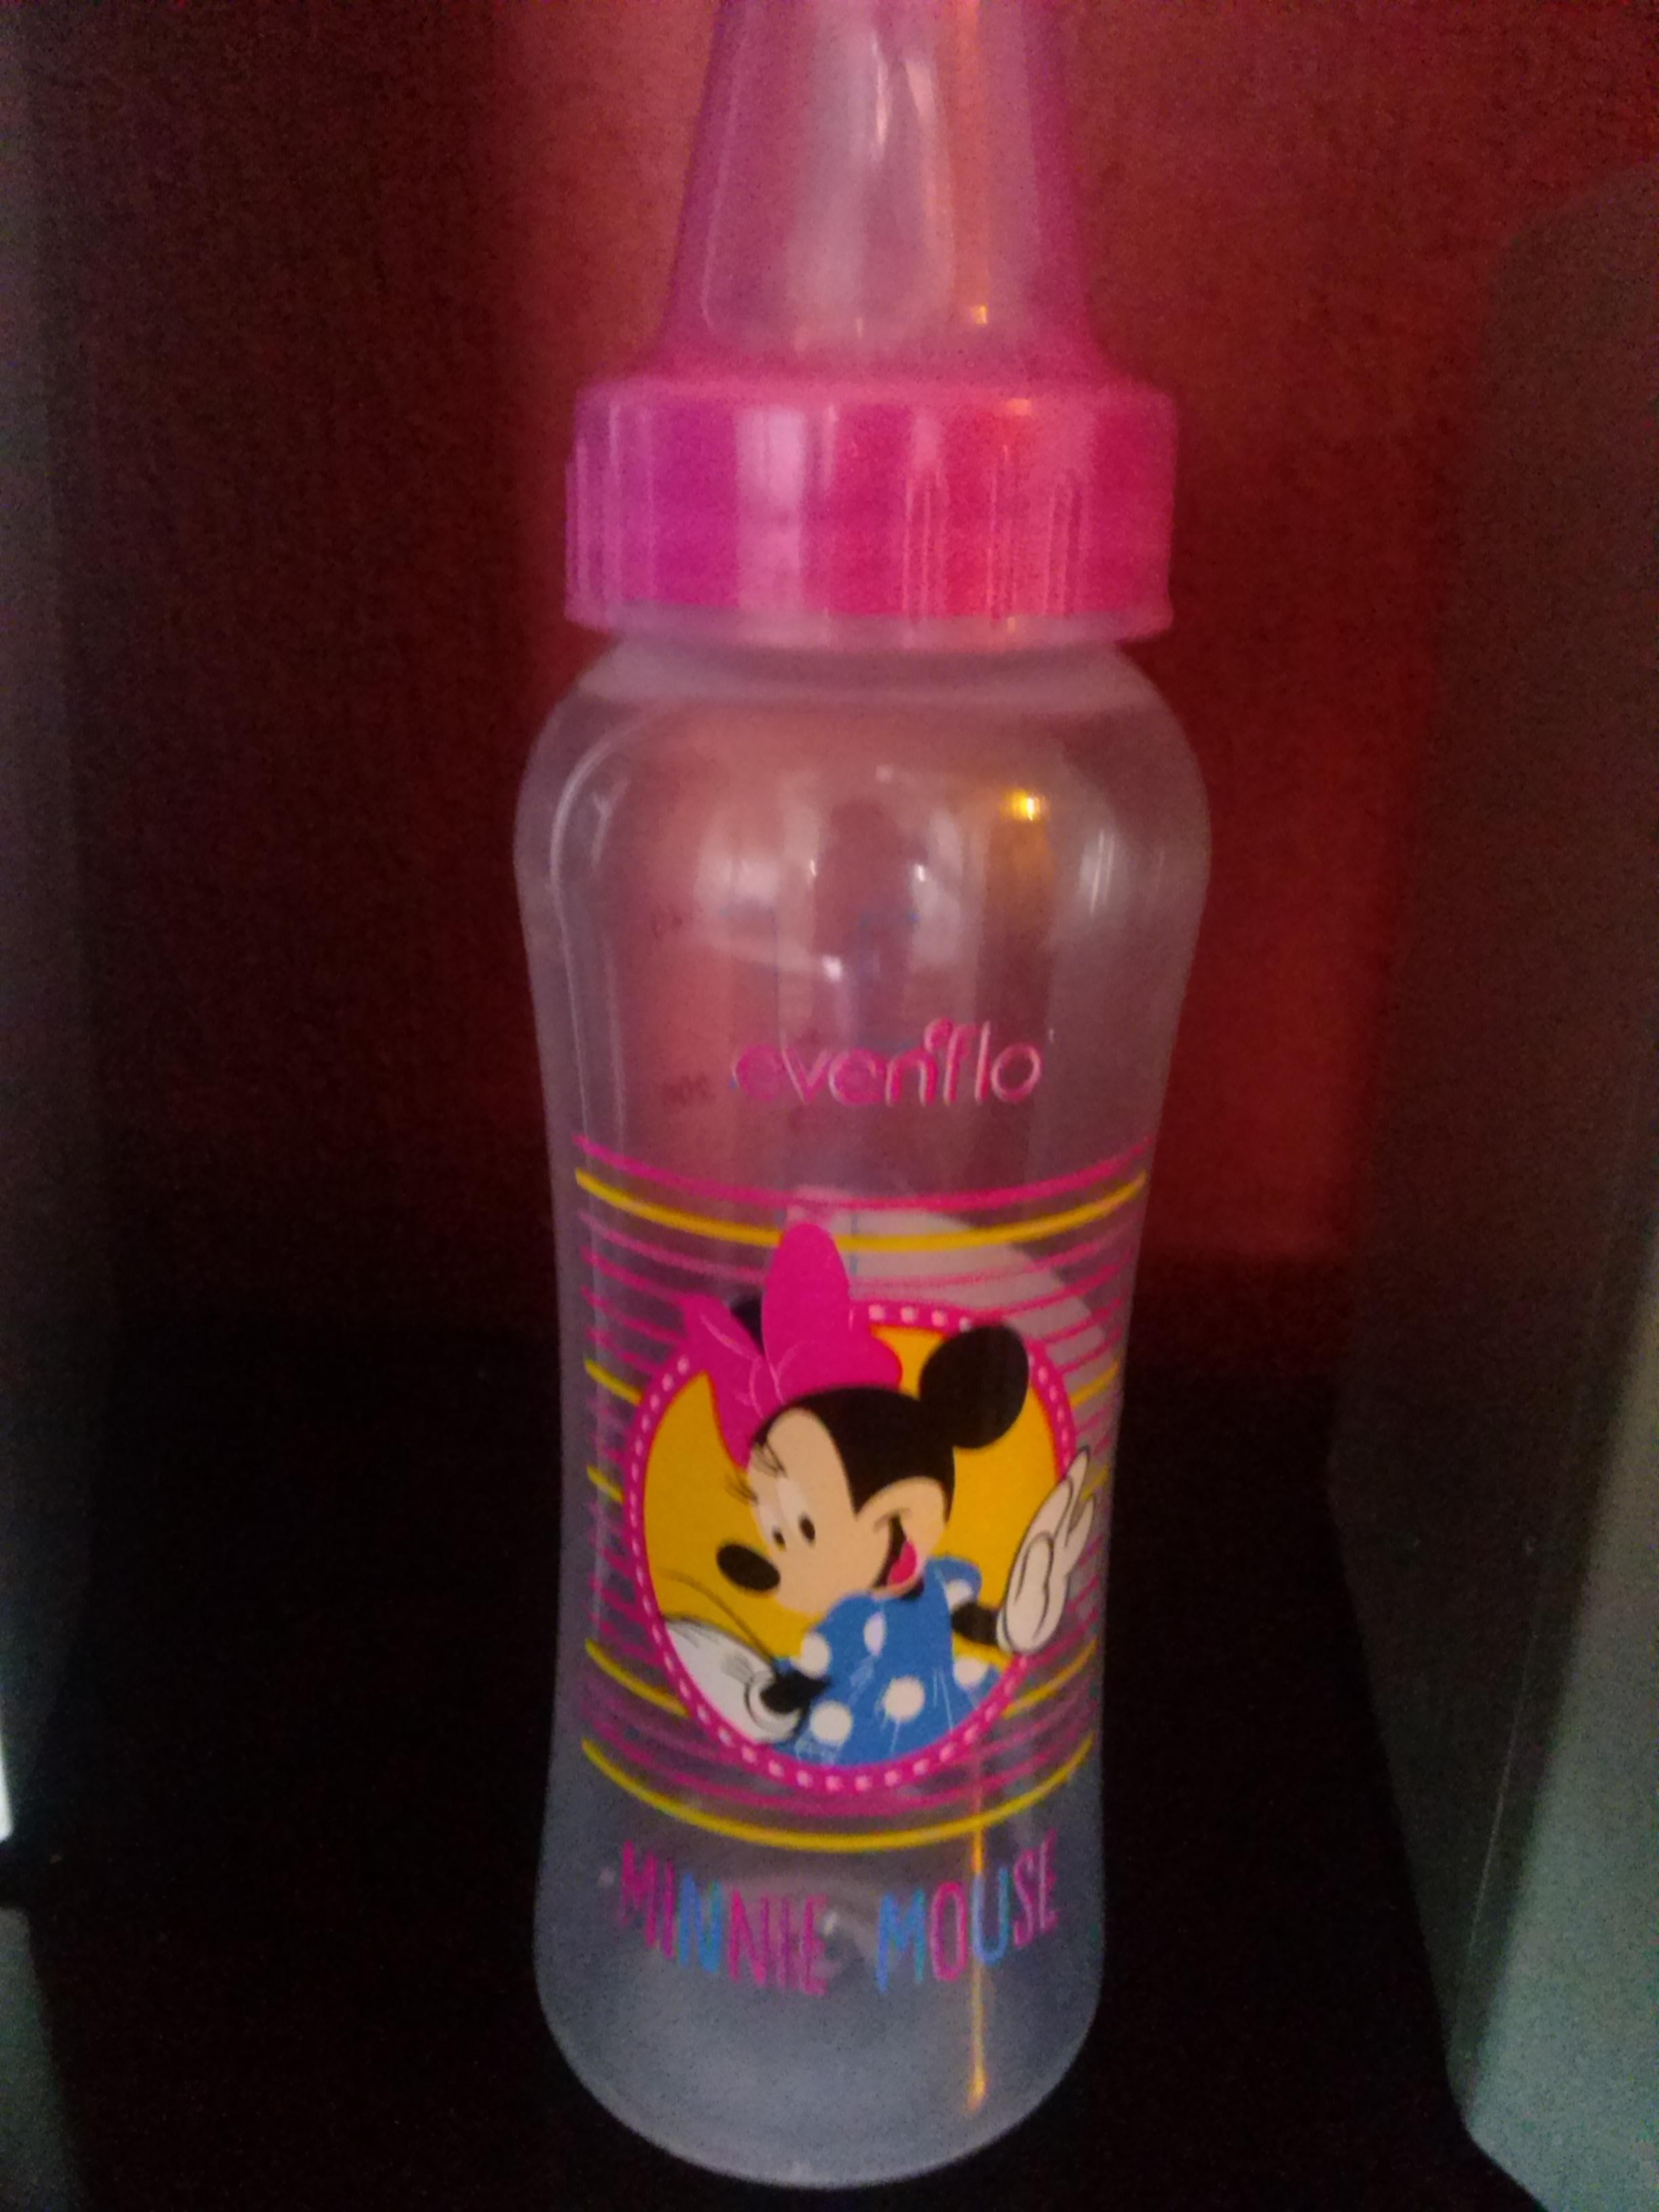 Walmart Nicolas Romero: Biberon evenflo Disney a $2.01